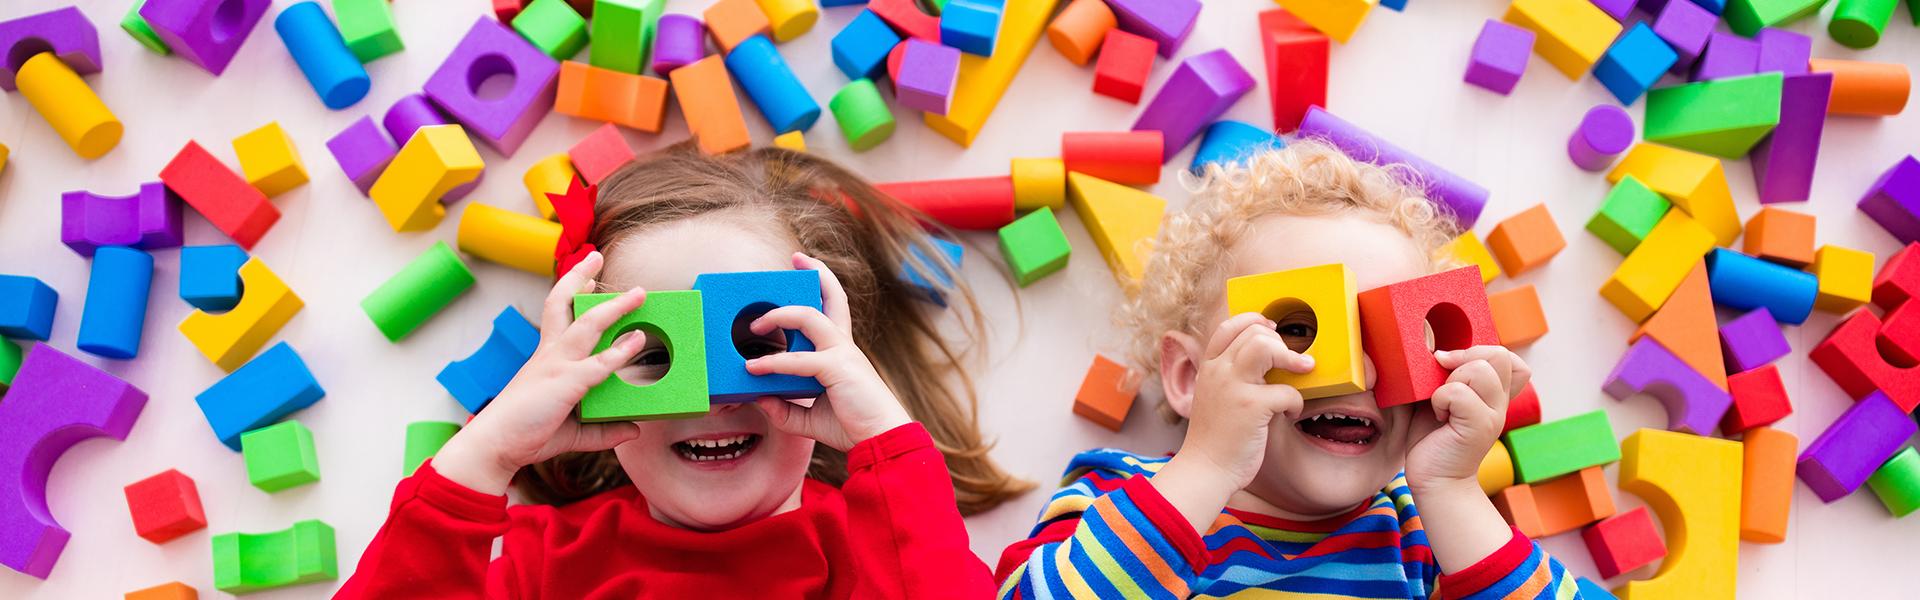 Banner bambini che giocano con i dadi colorati